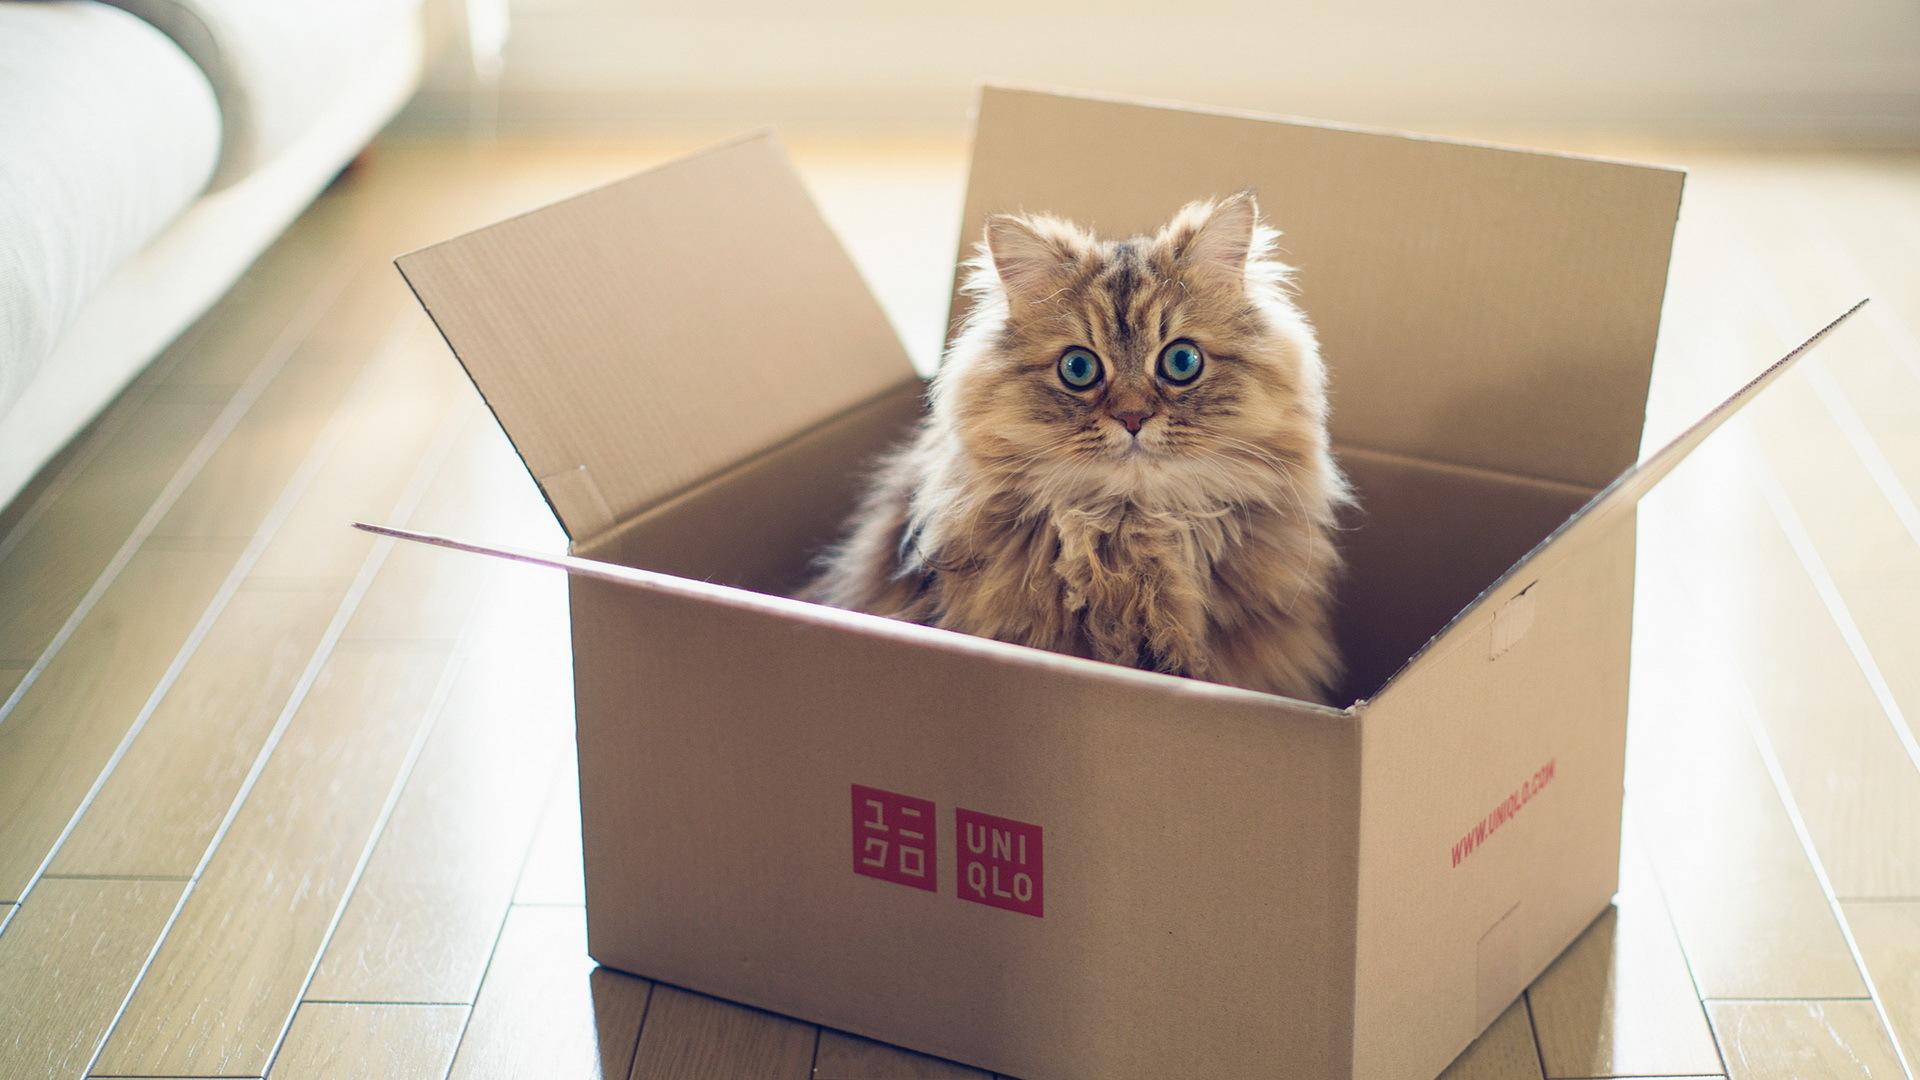 Gatos e caixar de papelão são um caso antigo, você compra a melhor cama, os melhores brinquedos e as embalagens deles vão sempre chamar mais atenção do seu bichano. Rs